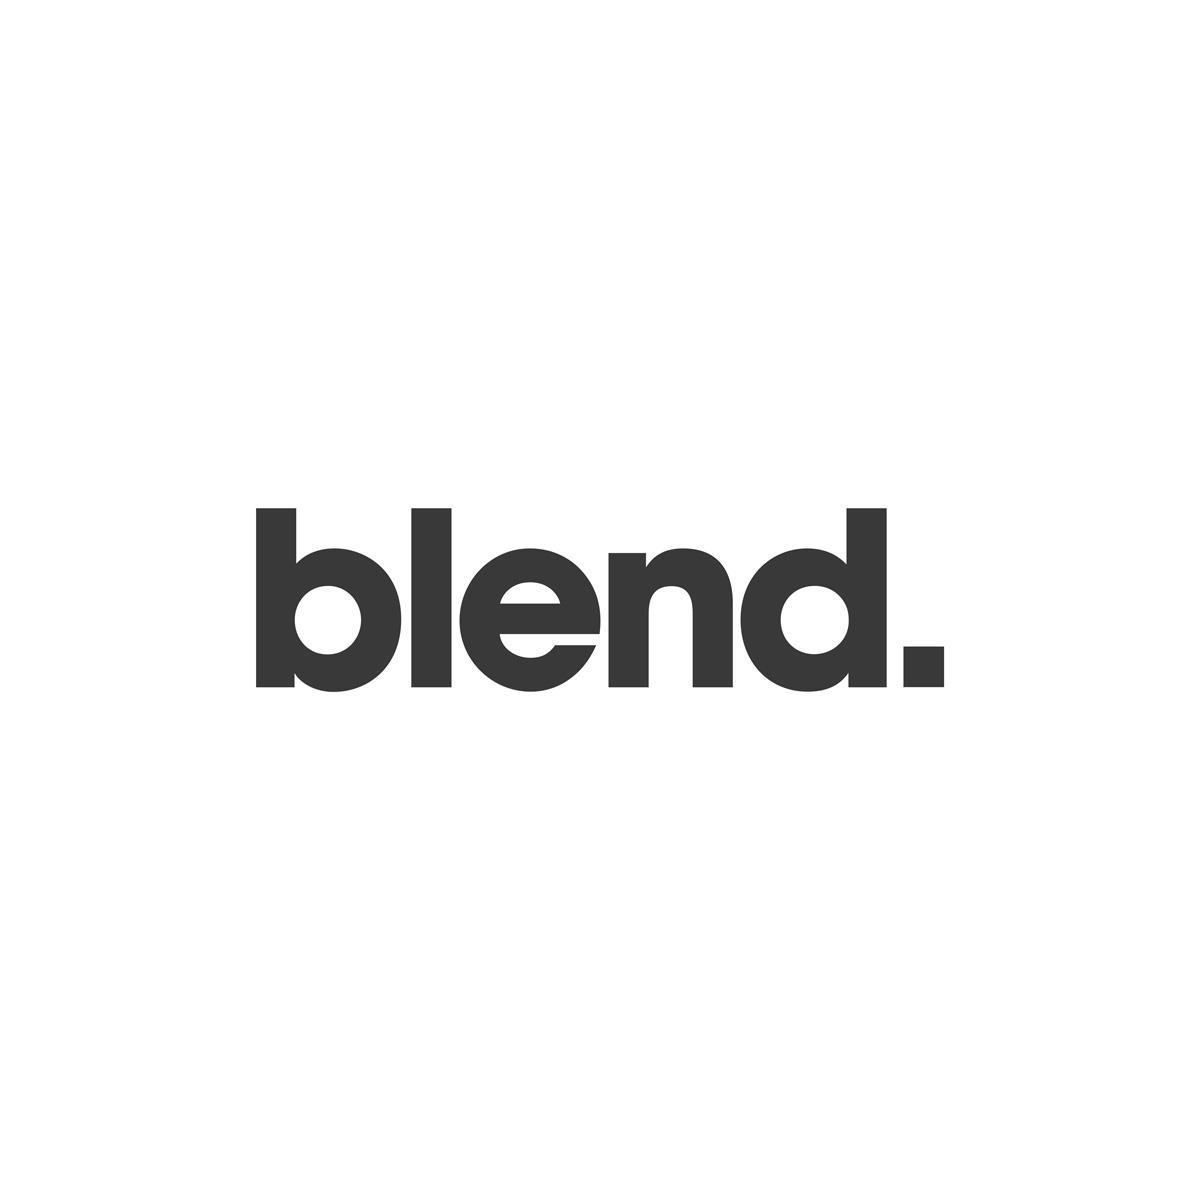 blend.